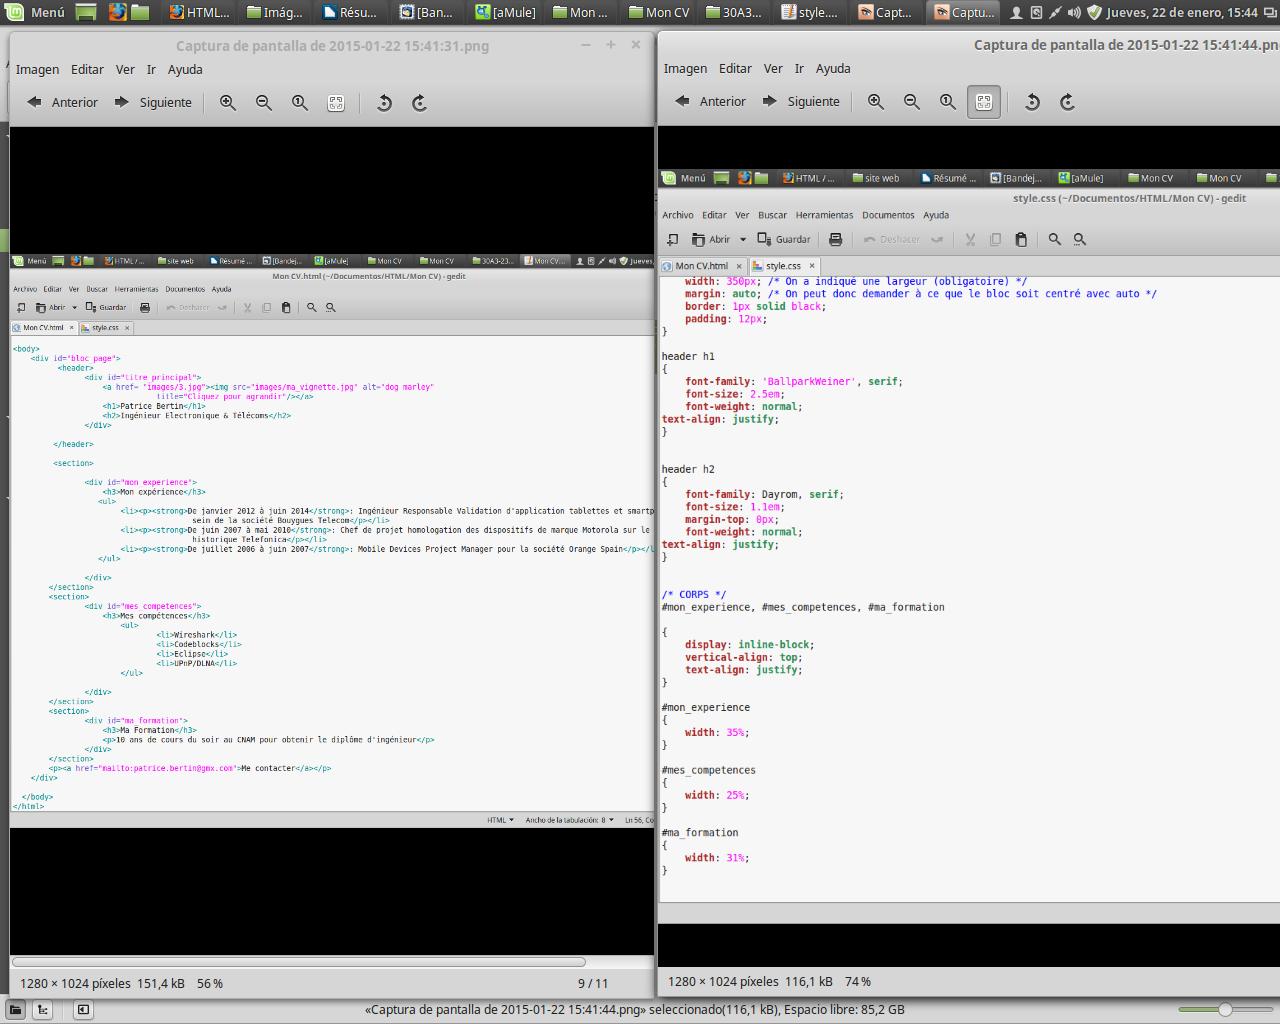 exercice partie 3 organiser son cv  html5 - css3